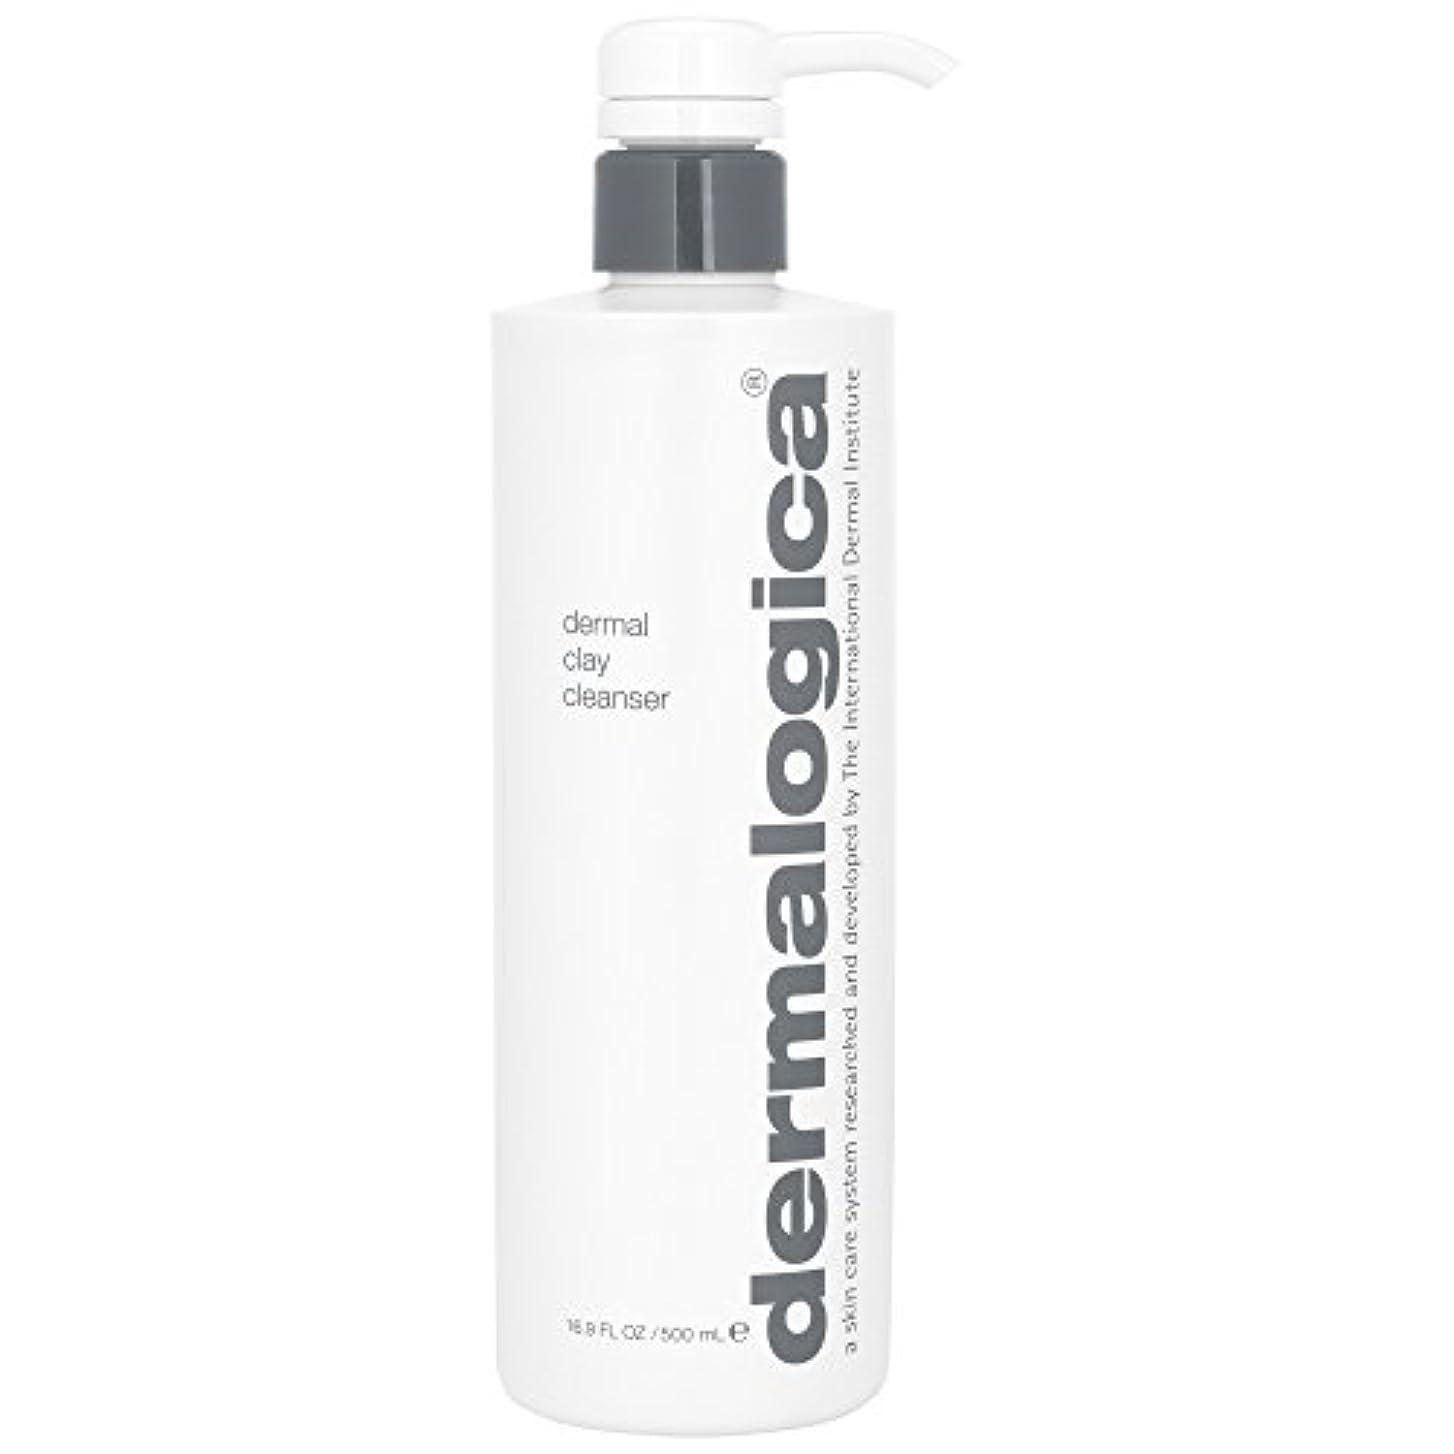 認可貨物にダーマロジカ真皮クレイクレンザー500ミリリットル (Dermalogica) - Dermalogica Dermal Clay Cleanser 500ml [並行輸入品]